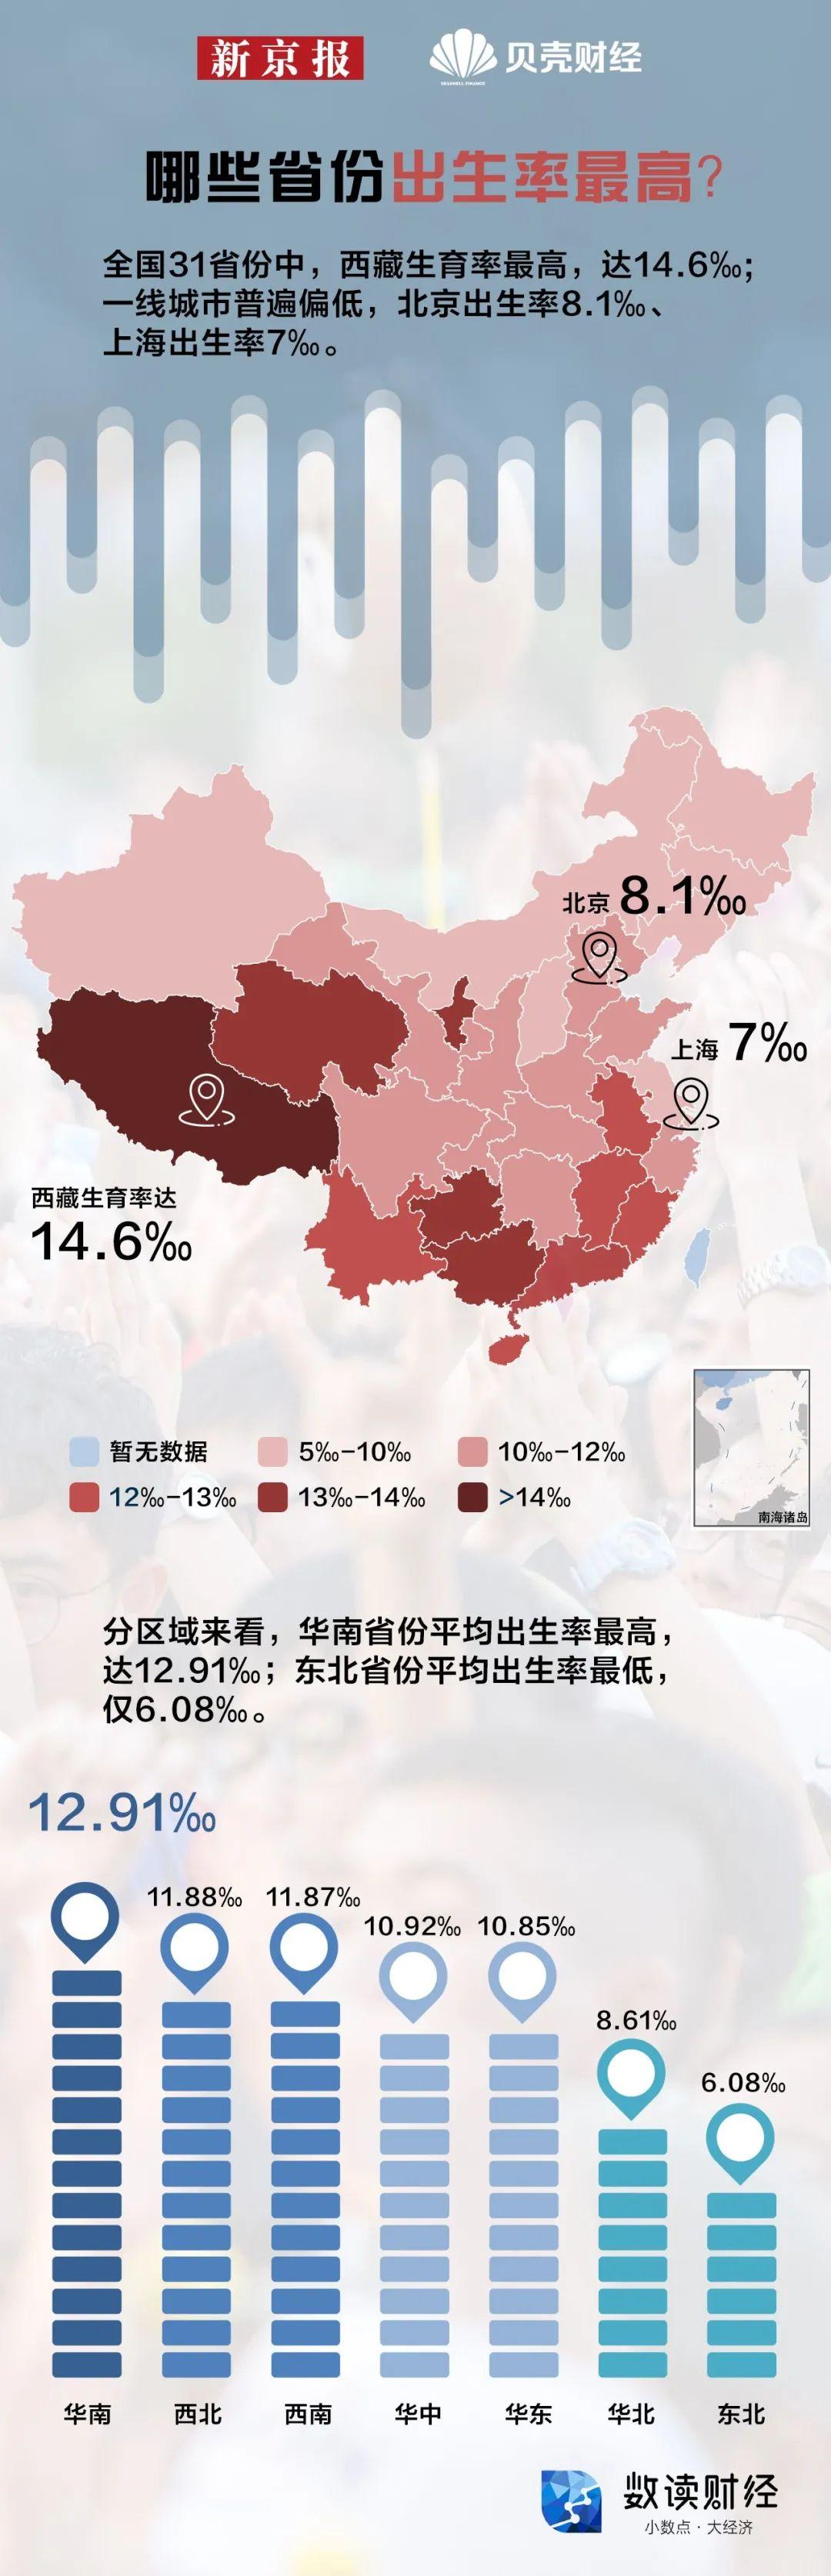 生育地图:哪个省最愿意生孩子?